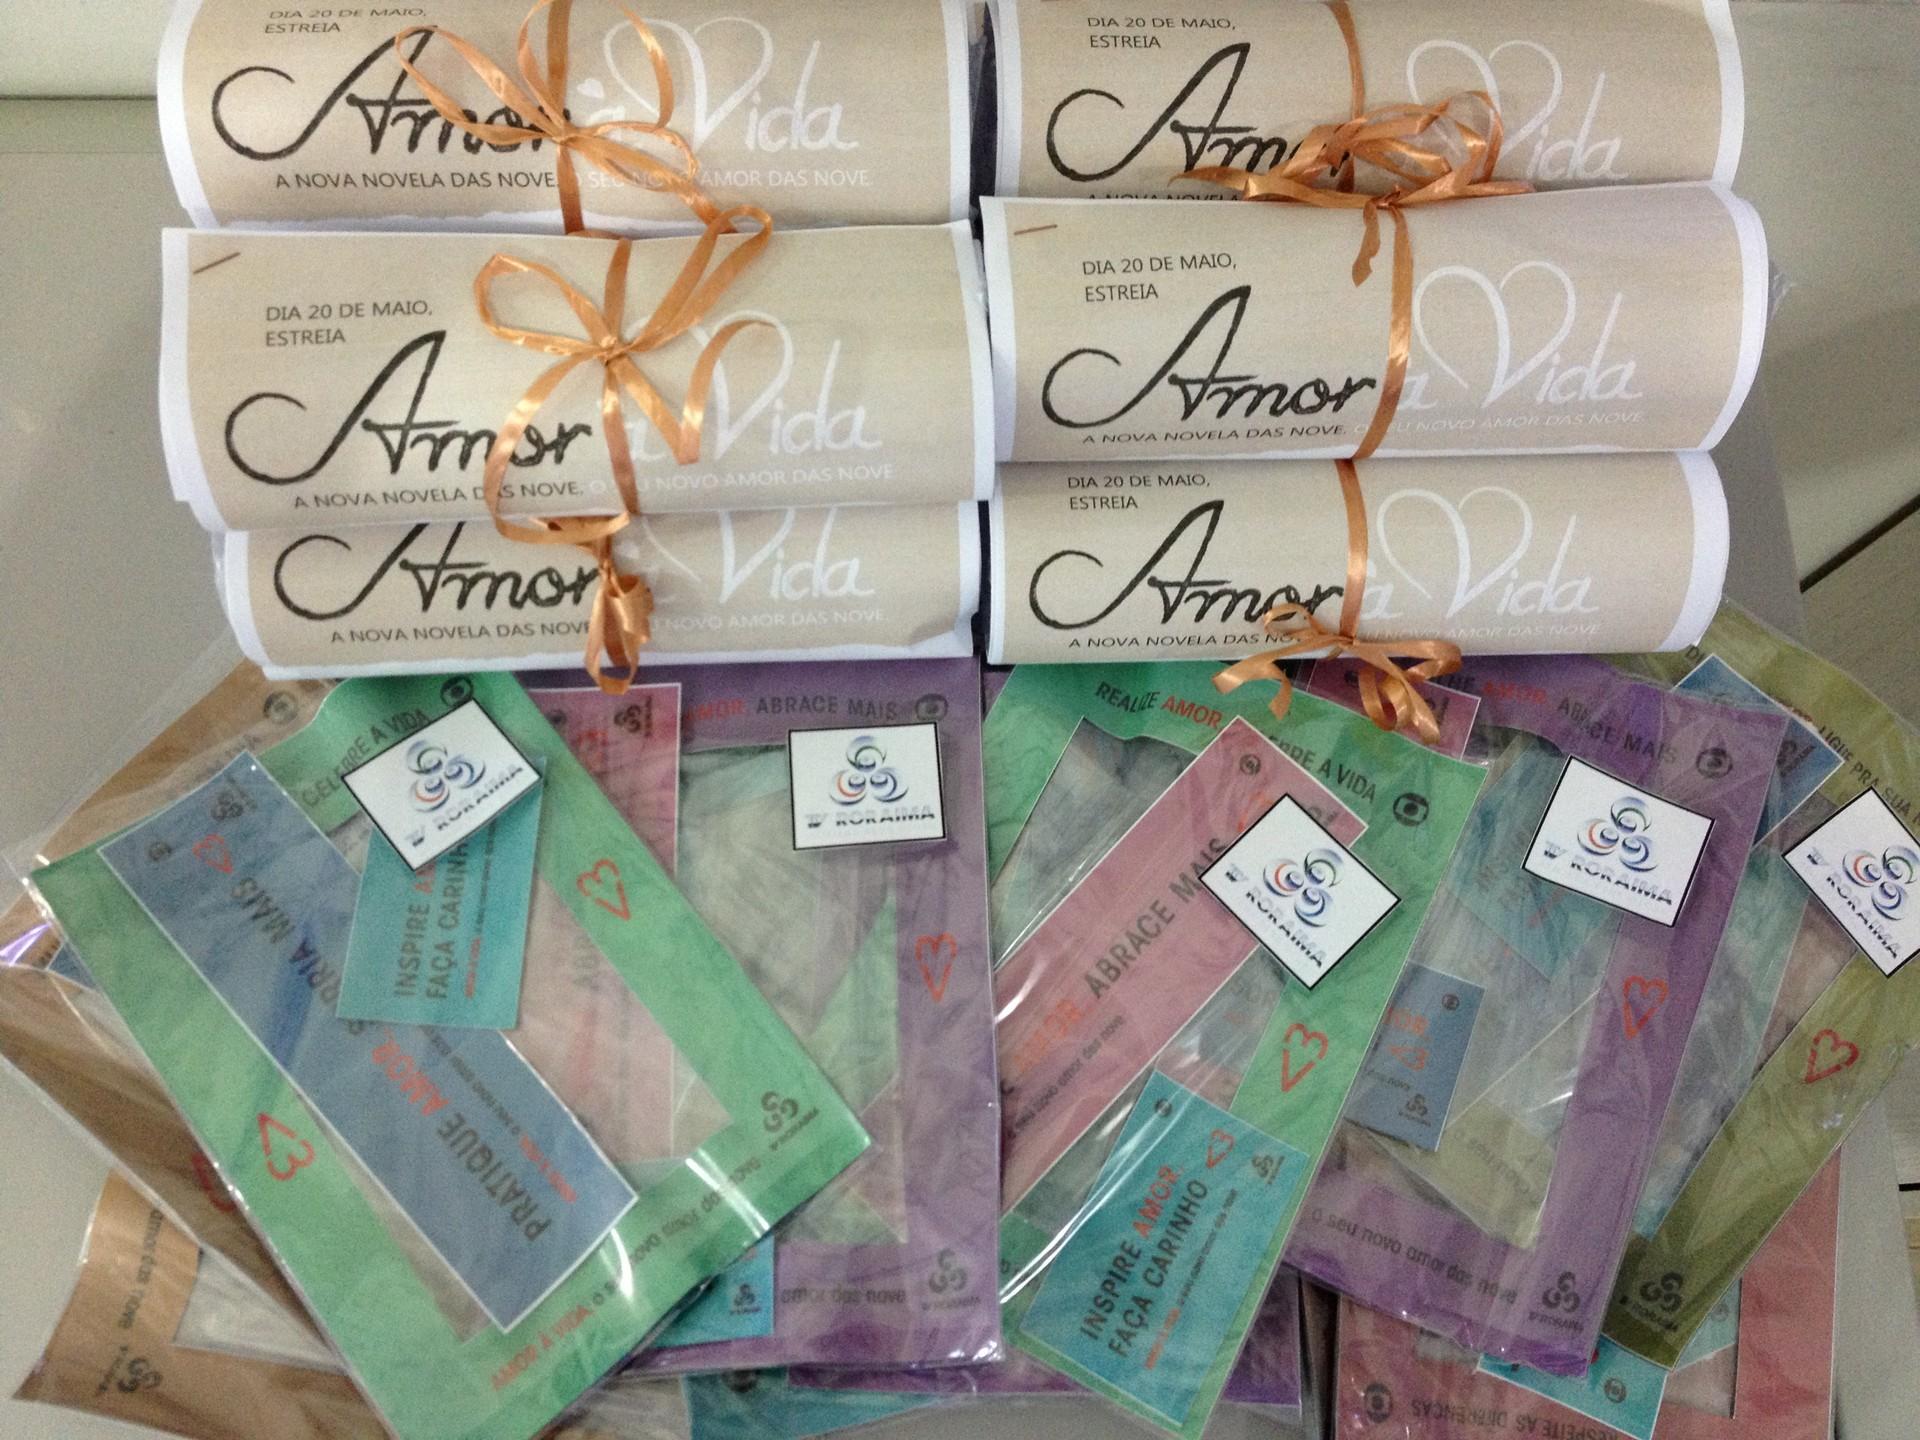 O kits Amor à Vida foram distribuídos em Boa Vista para chamar a atenção do público para a nova novela (Foto: Valéria Oliveira/ G1 Roraima)